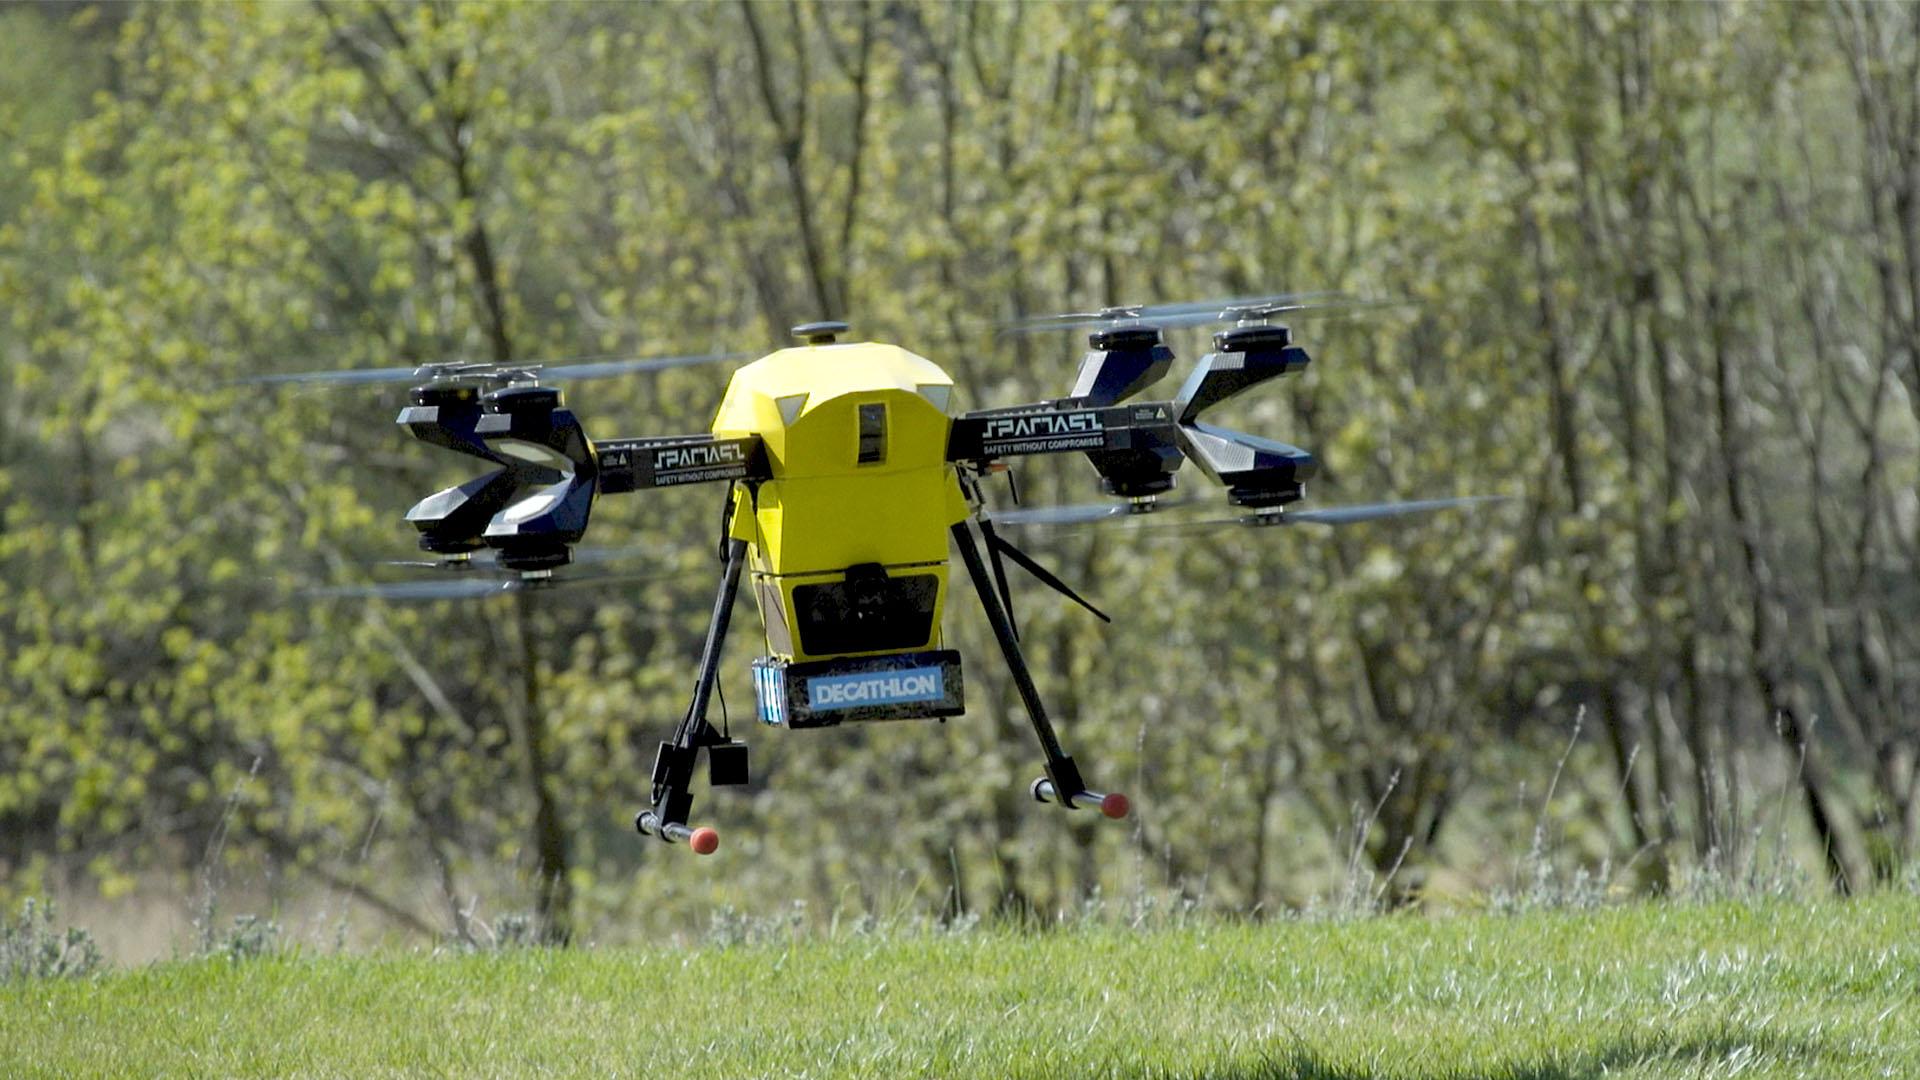 Pierwsza przesyłka dostarczona dronem w Polsce już u adresata